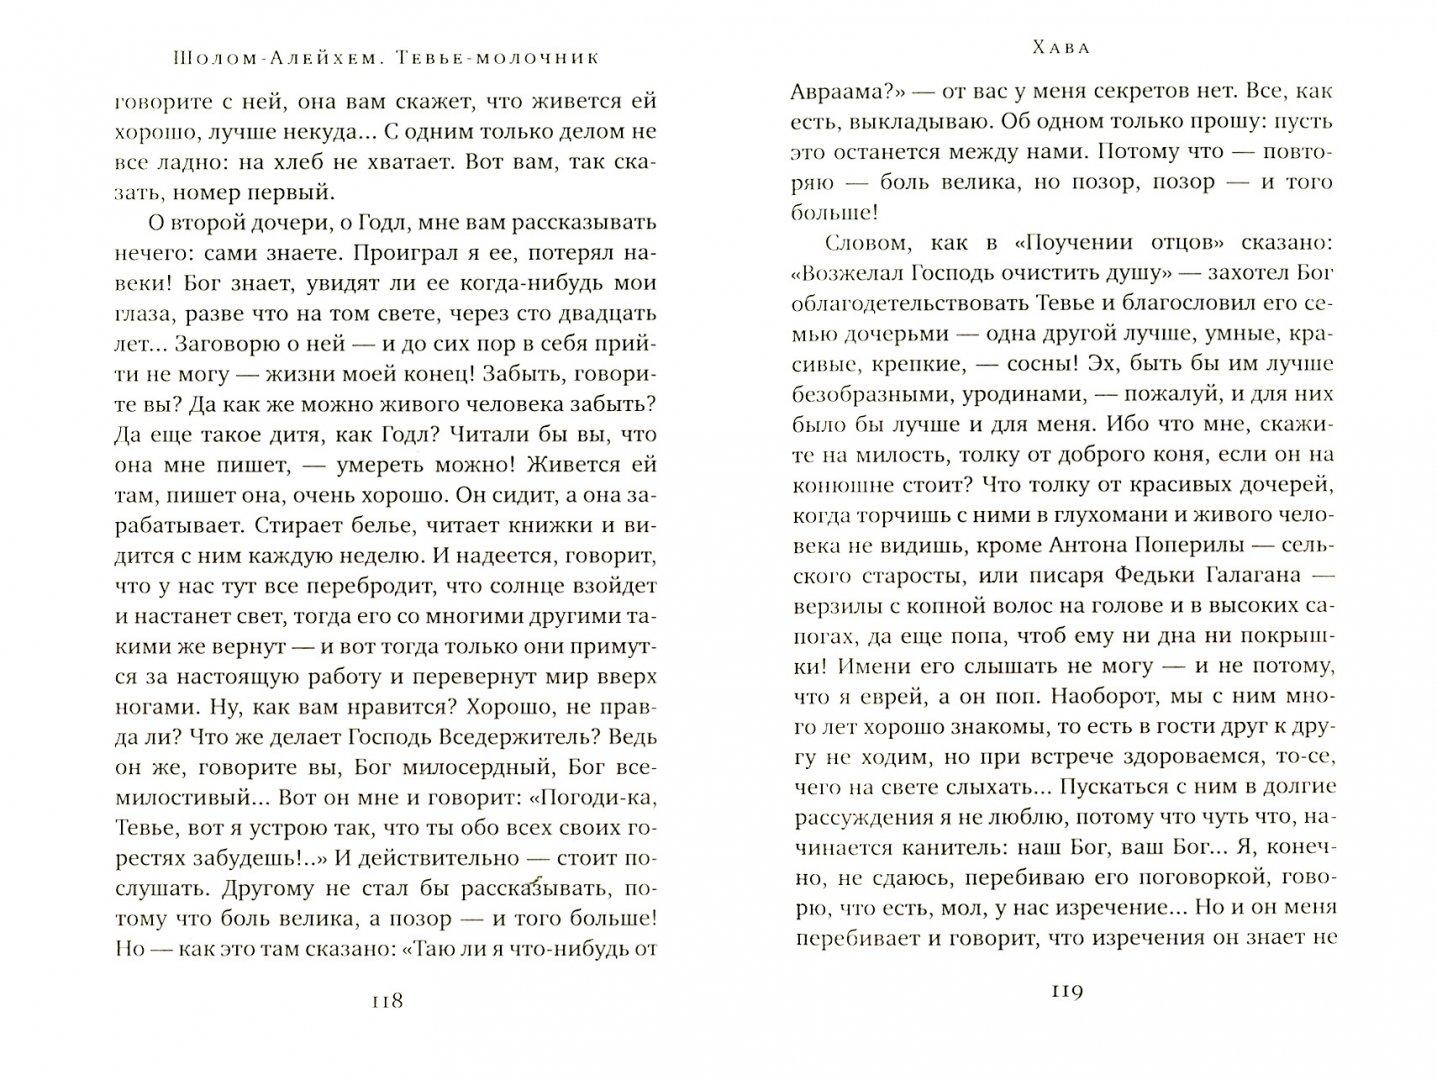 Иллюстрация 1 из 55 для Тевье-молочник - Шолом-Алейхем   Лабиринт - книги. Источник: Лабиринт